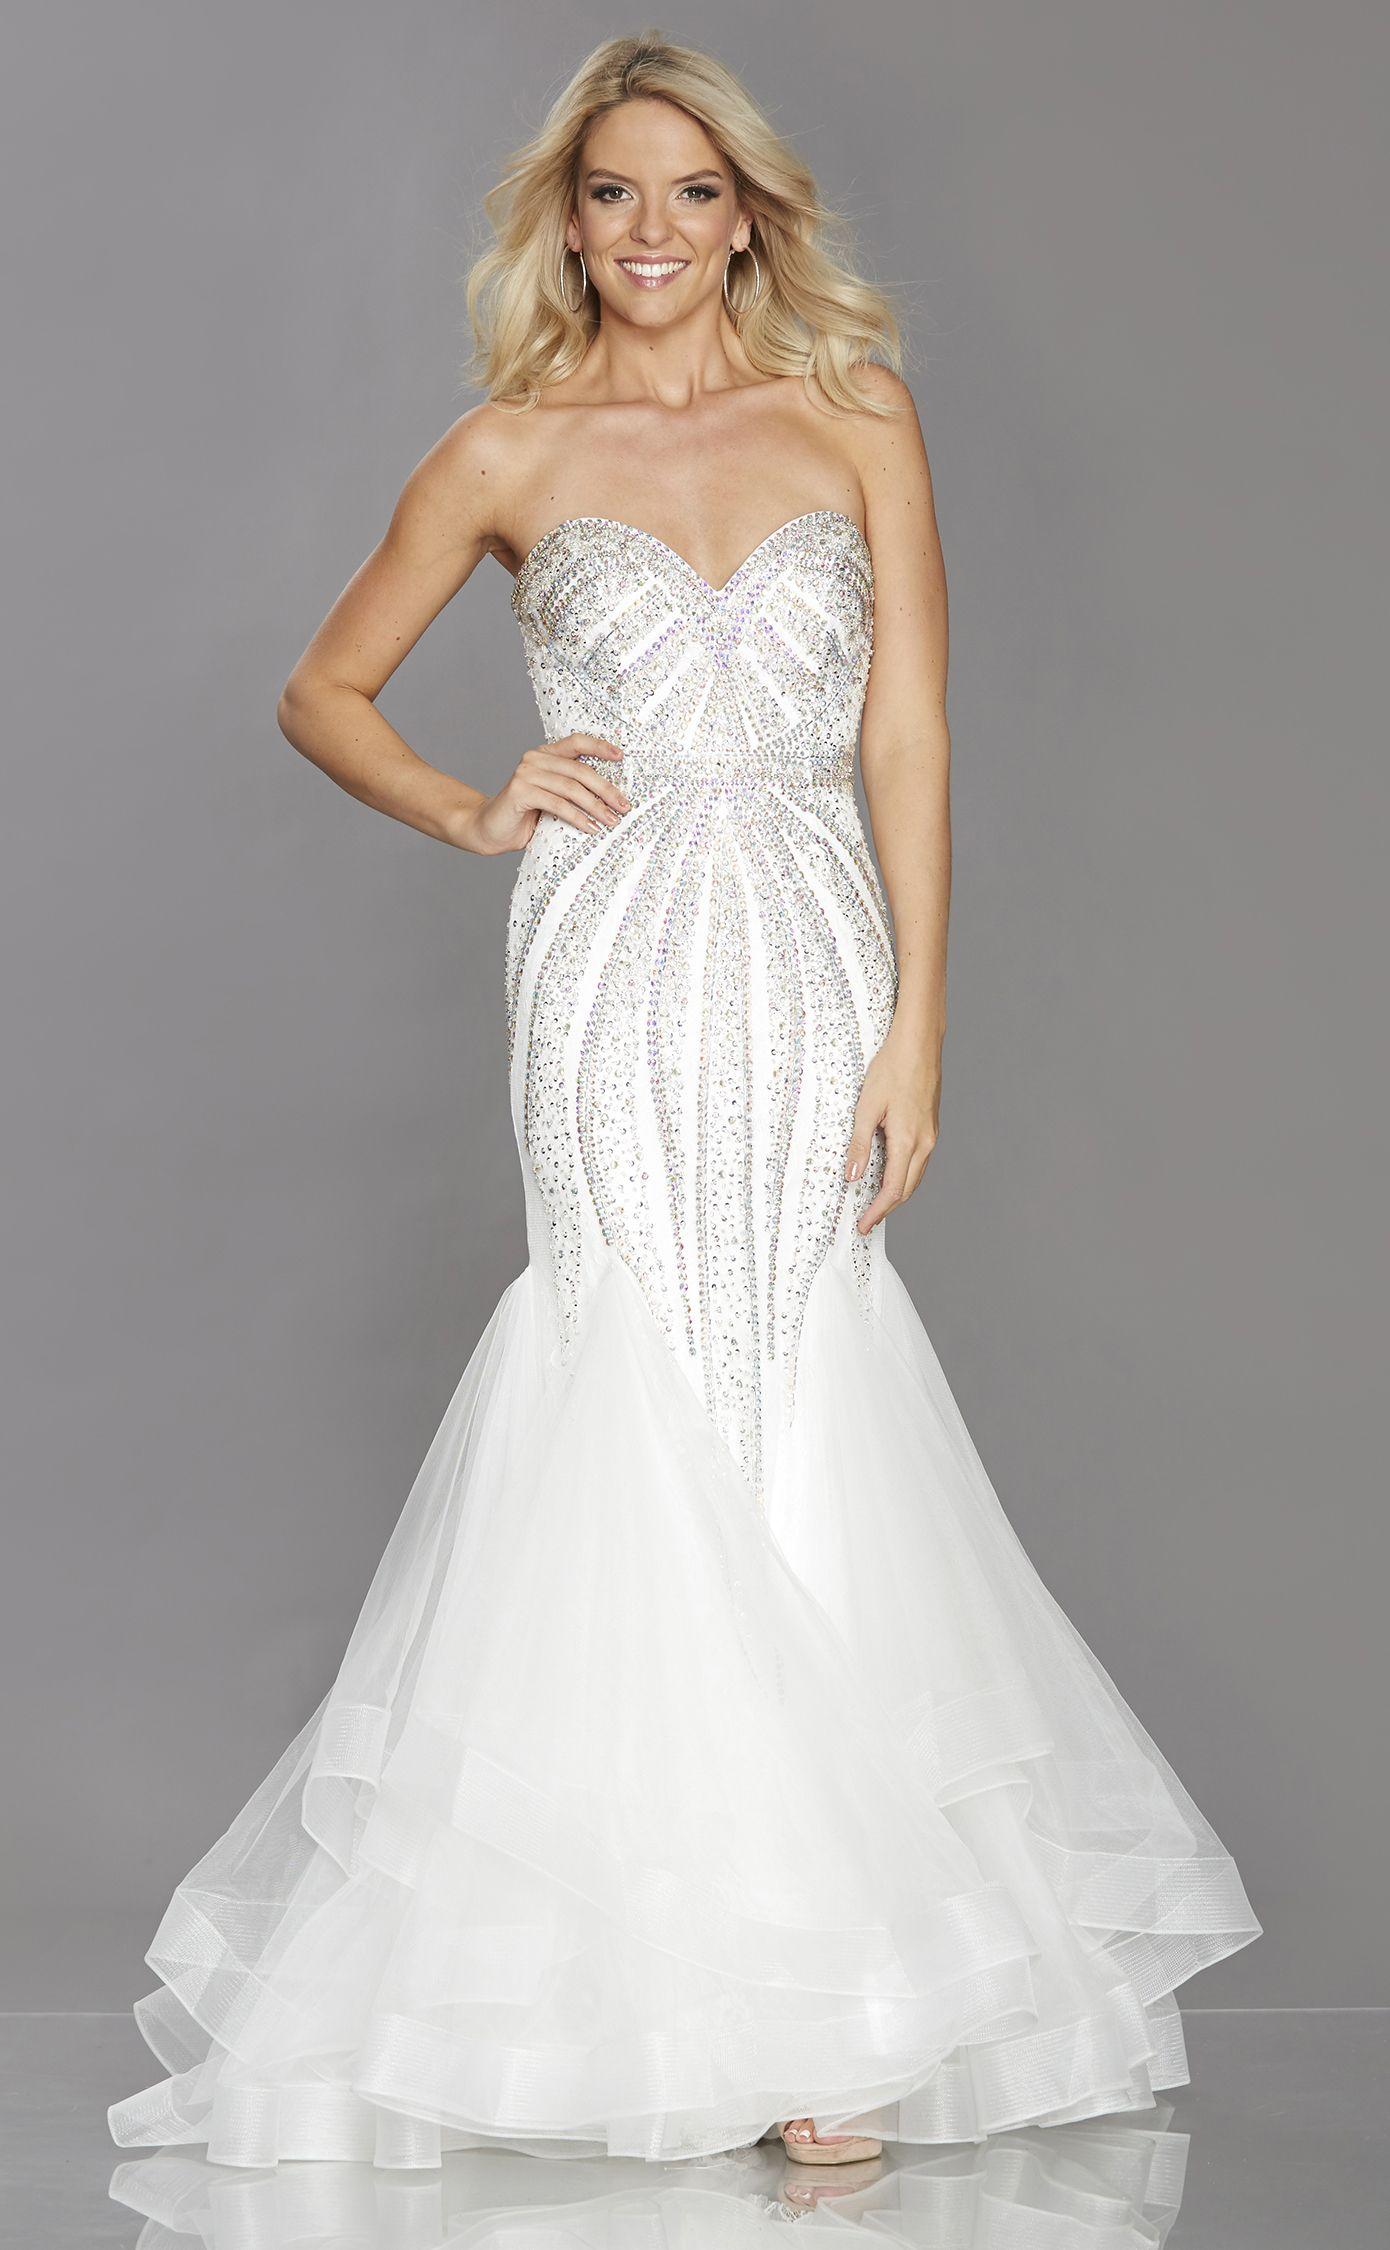 13+ Tiffany wedding dresses wallasey ideas